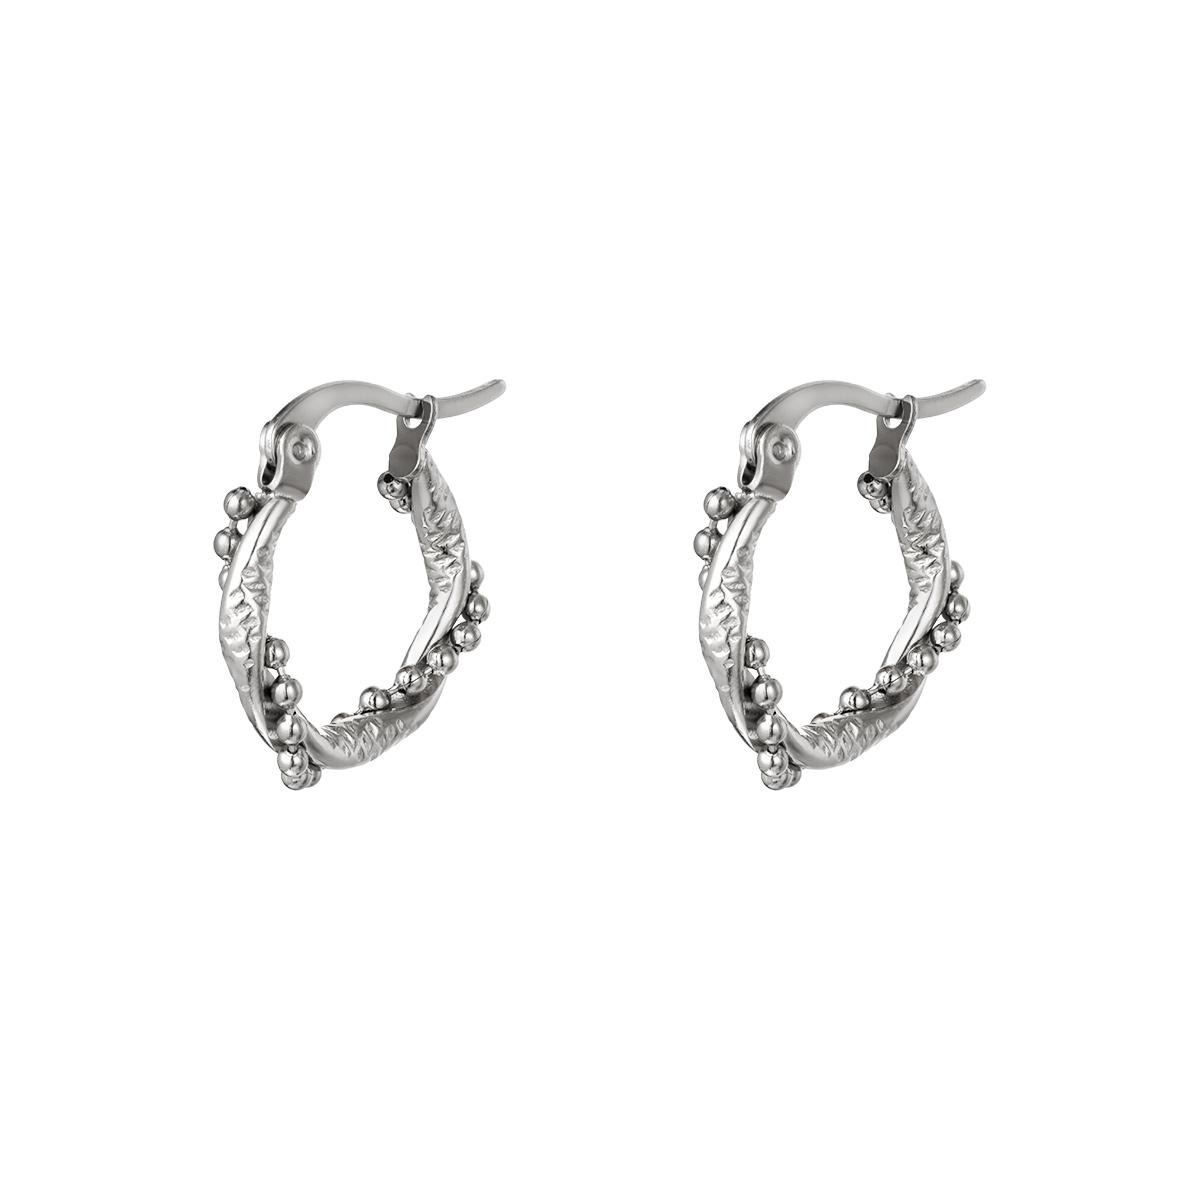 Pendientes de aro con perlas retorcidas pequeñas